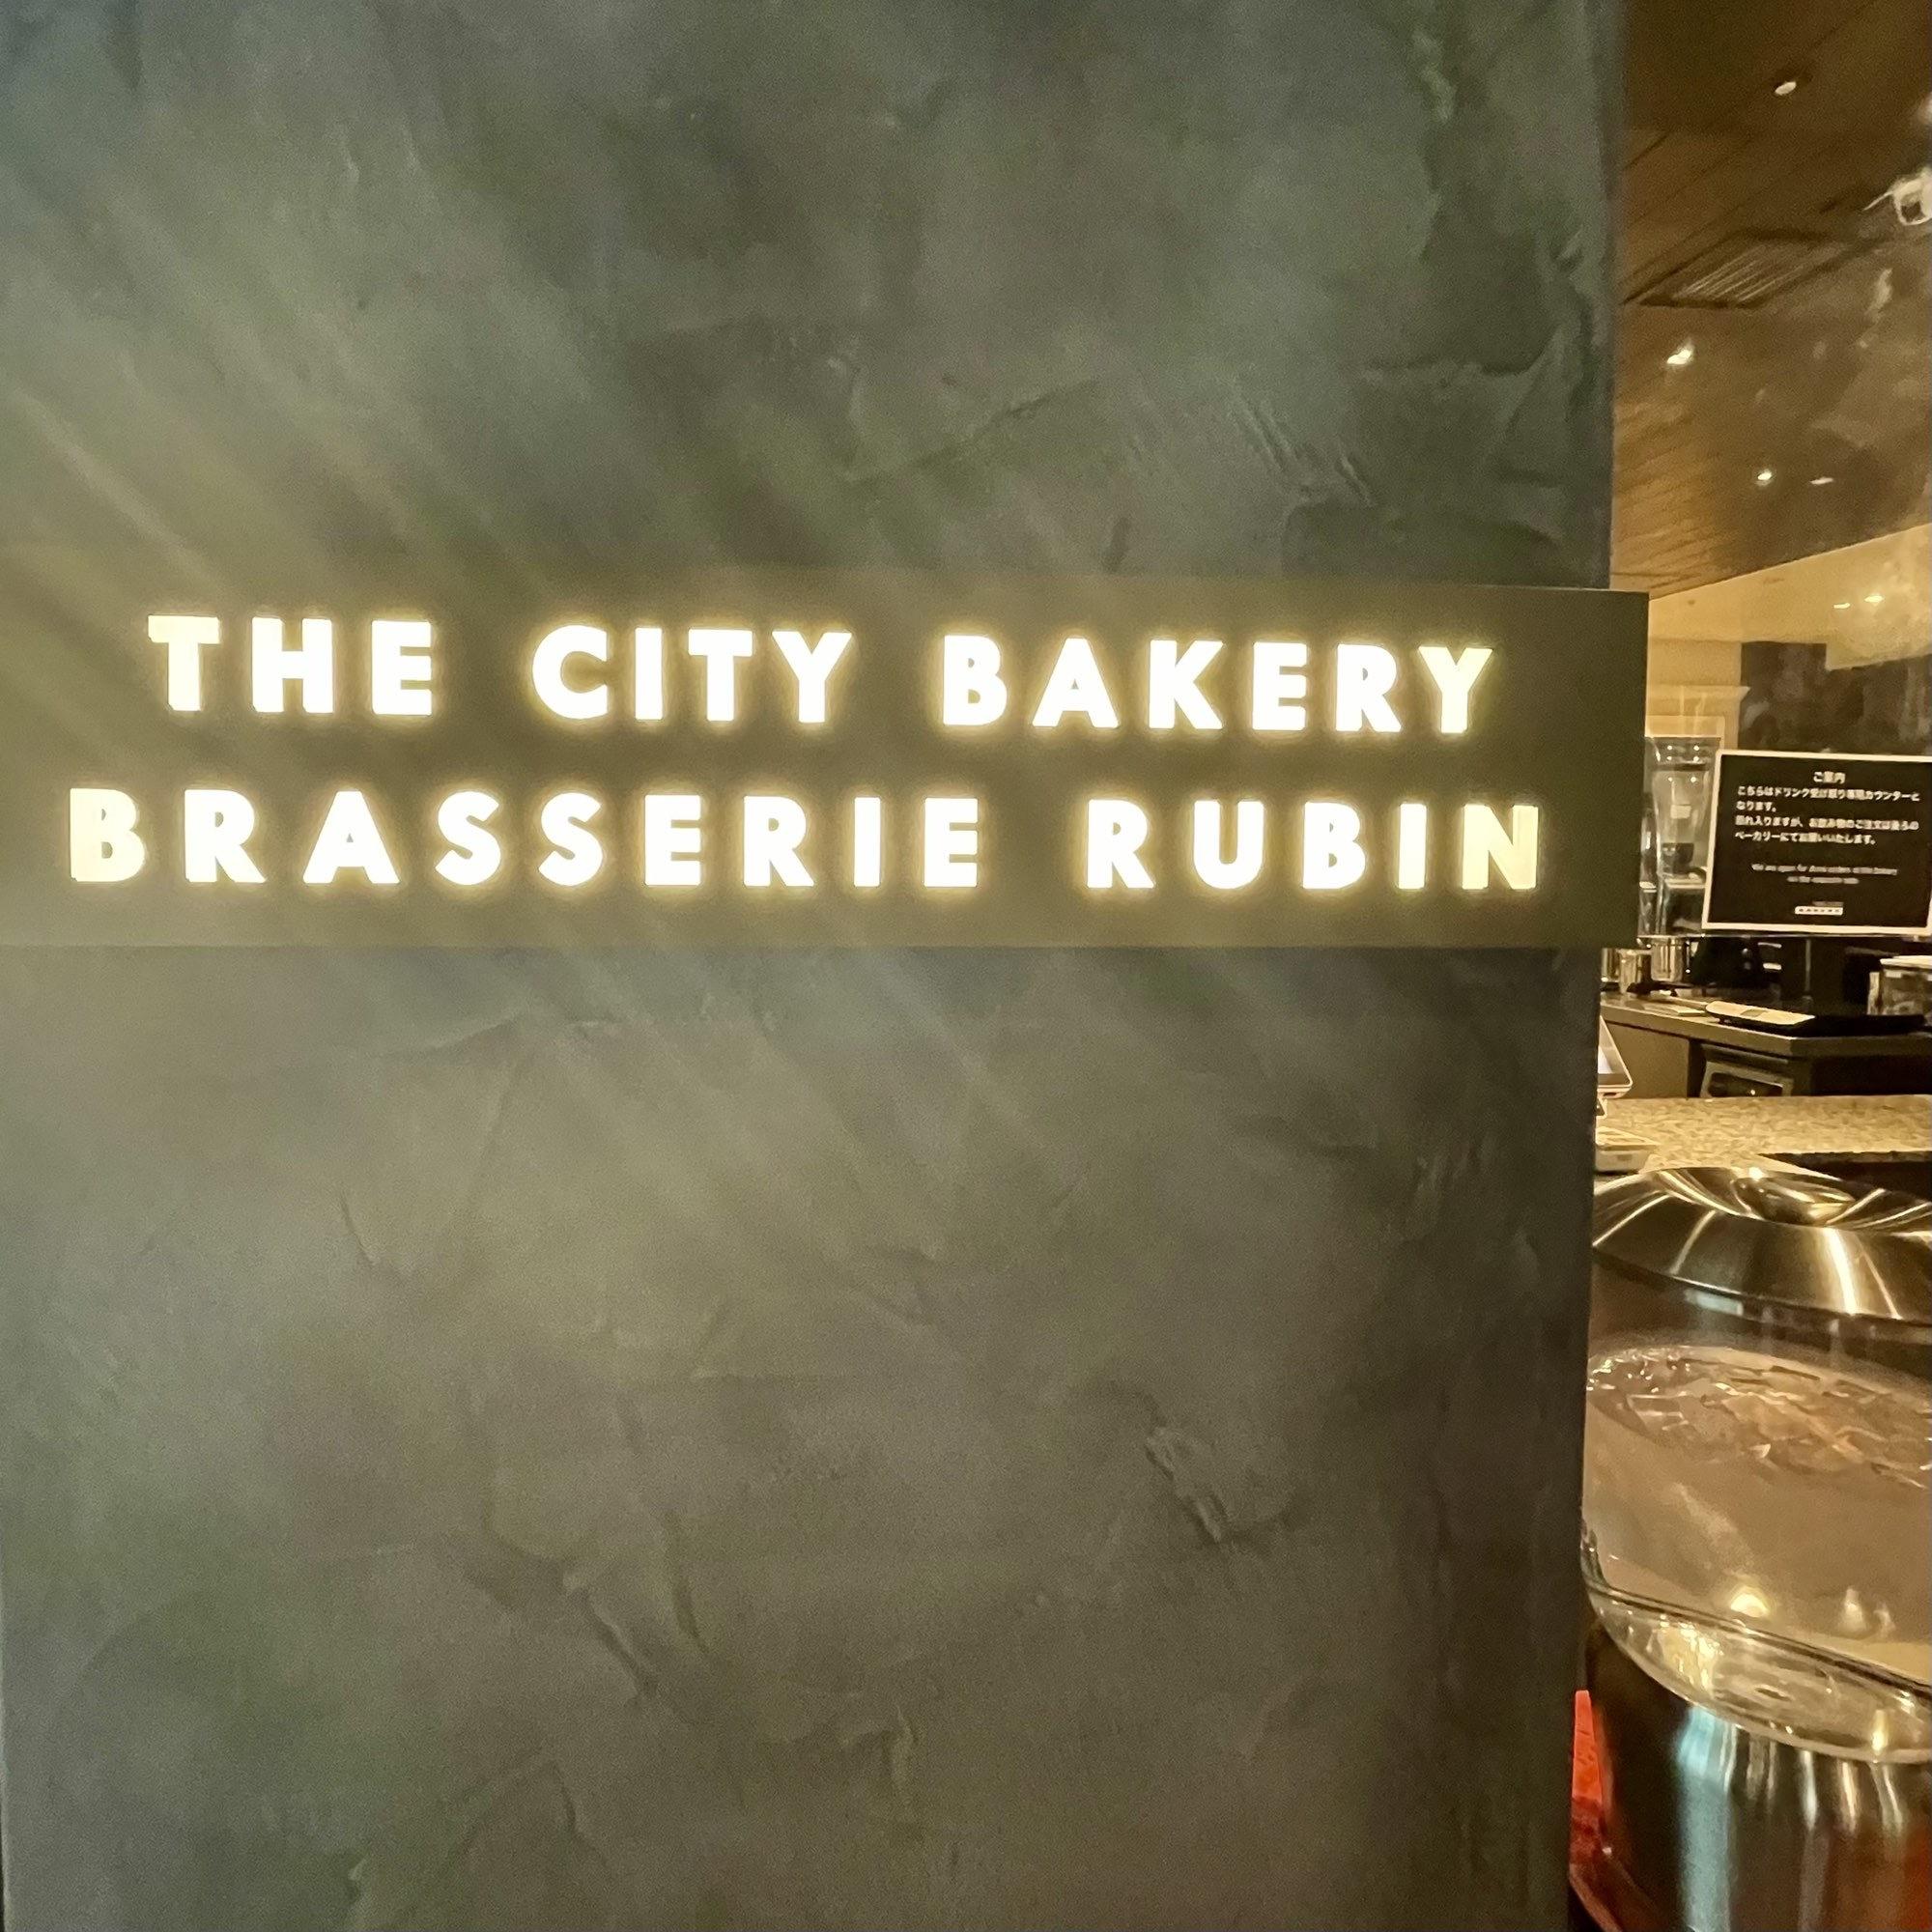 ザ・シティーベーカリー ブラッセリー ルービンの入口の店名